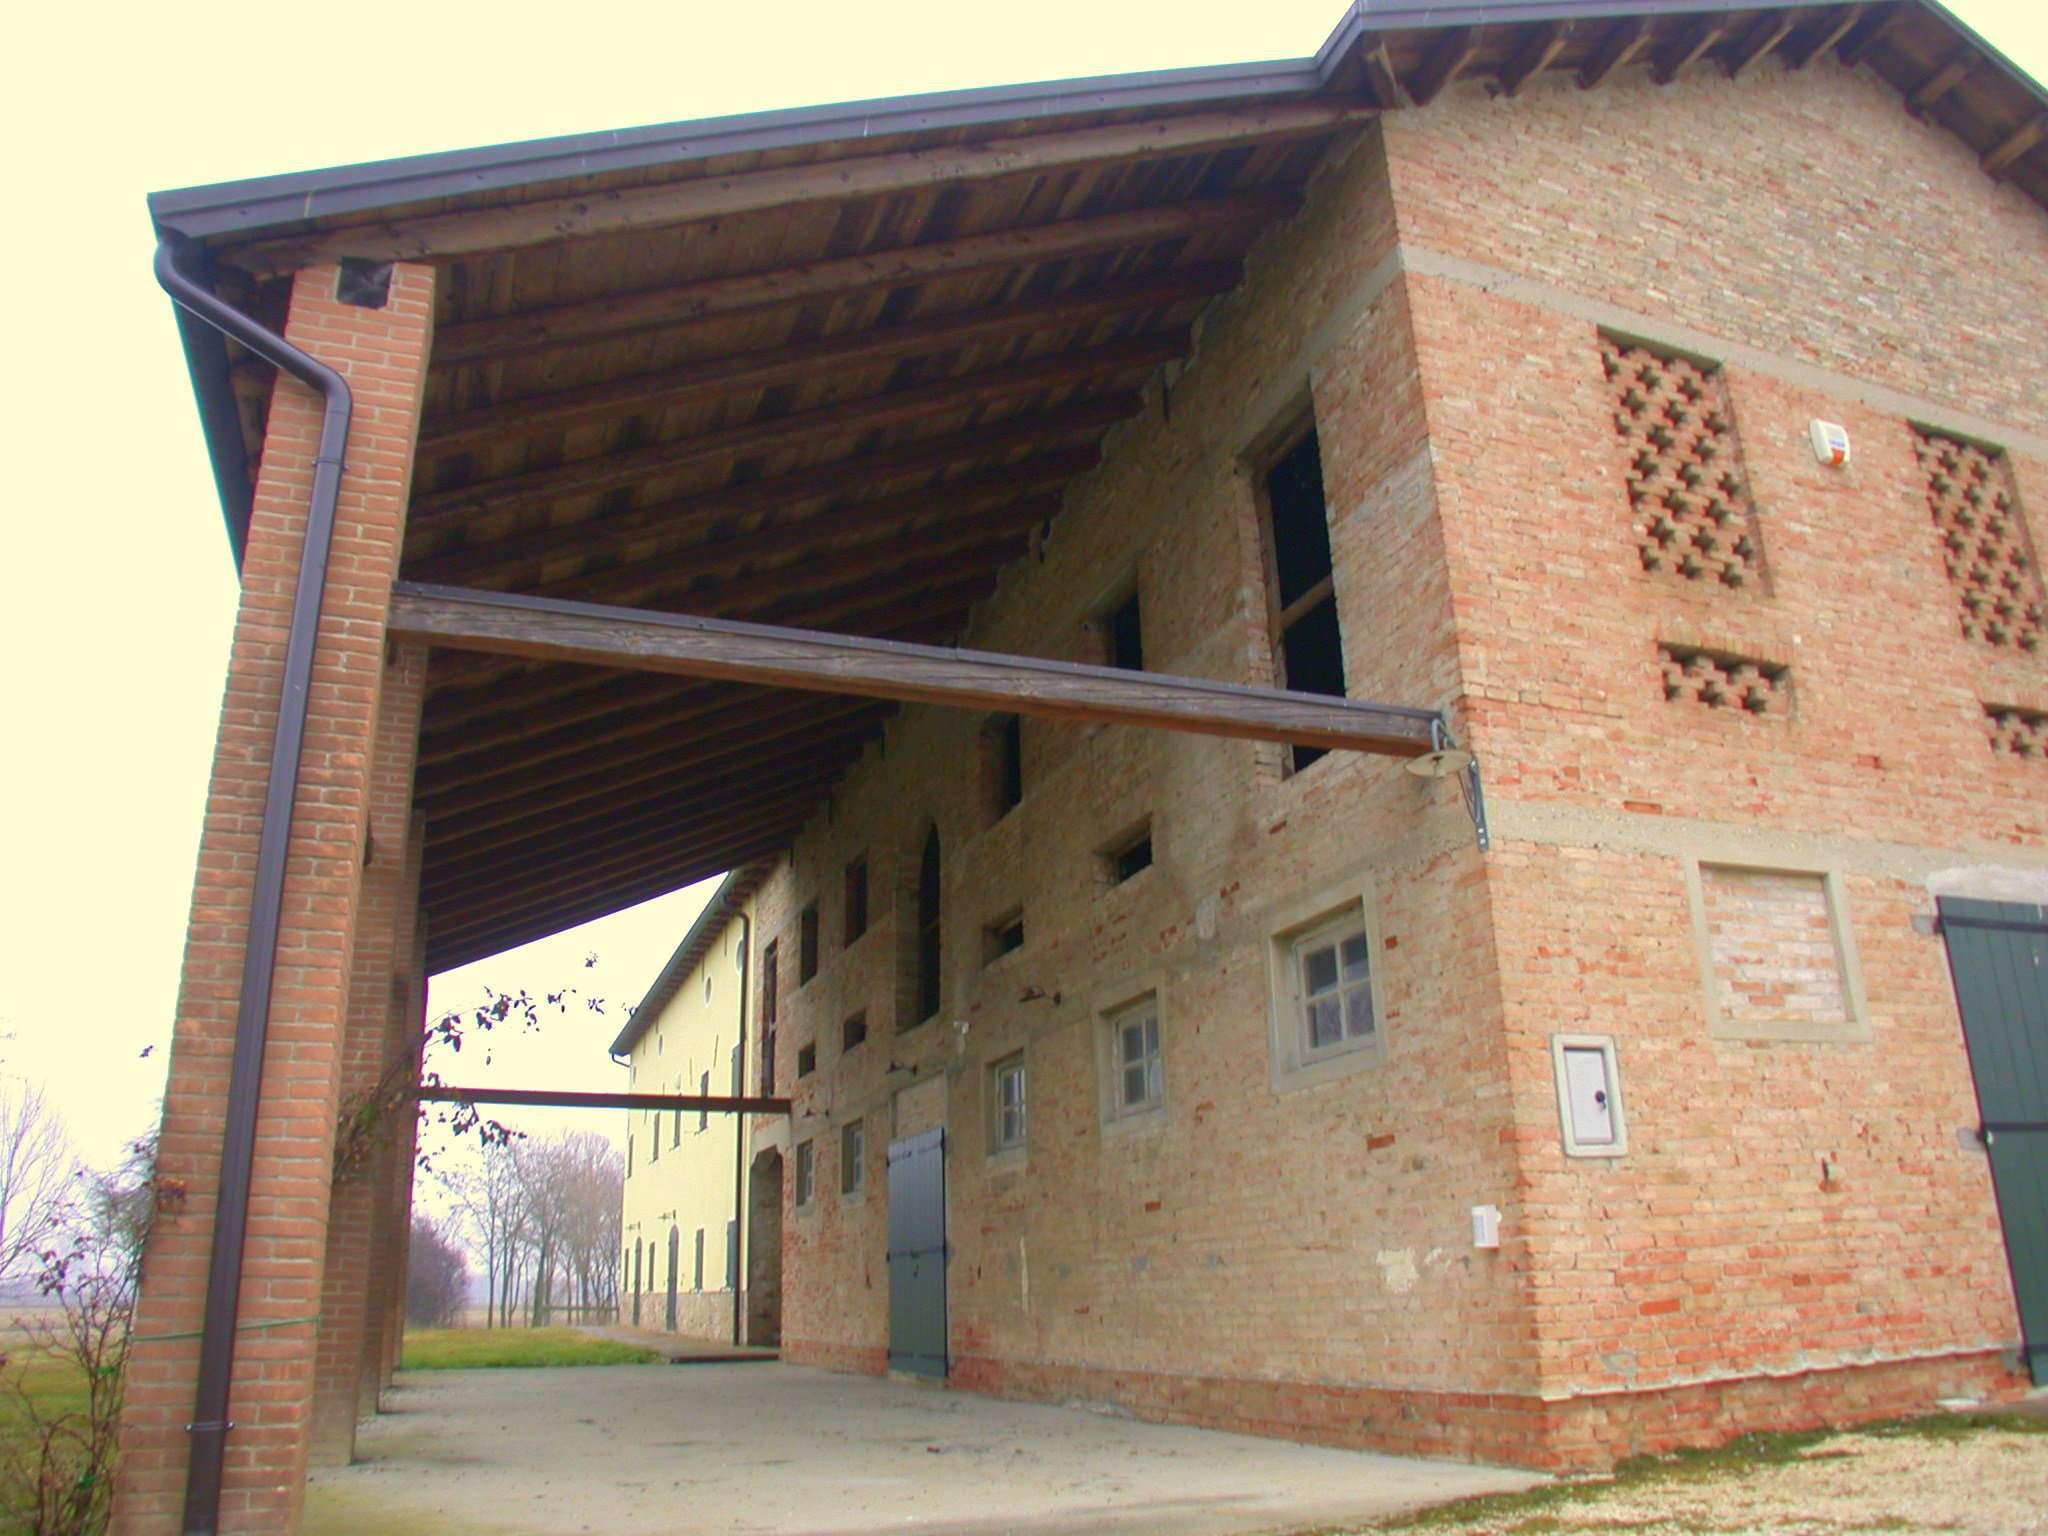 Rustico / Casale in vendita a Meolo, 8 locali, Trattative riservate | CambioCasa.it